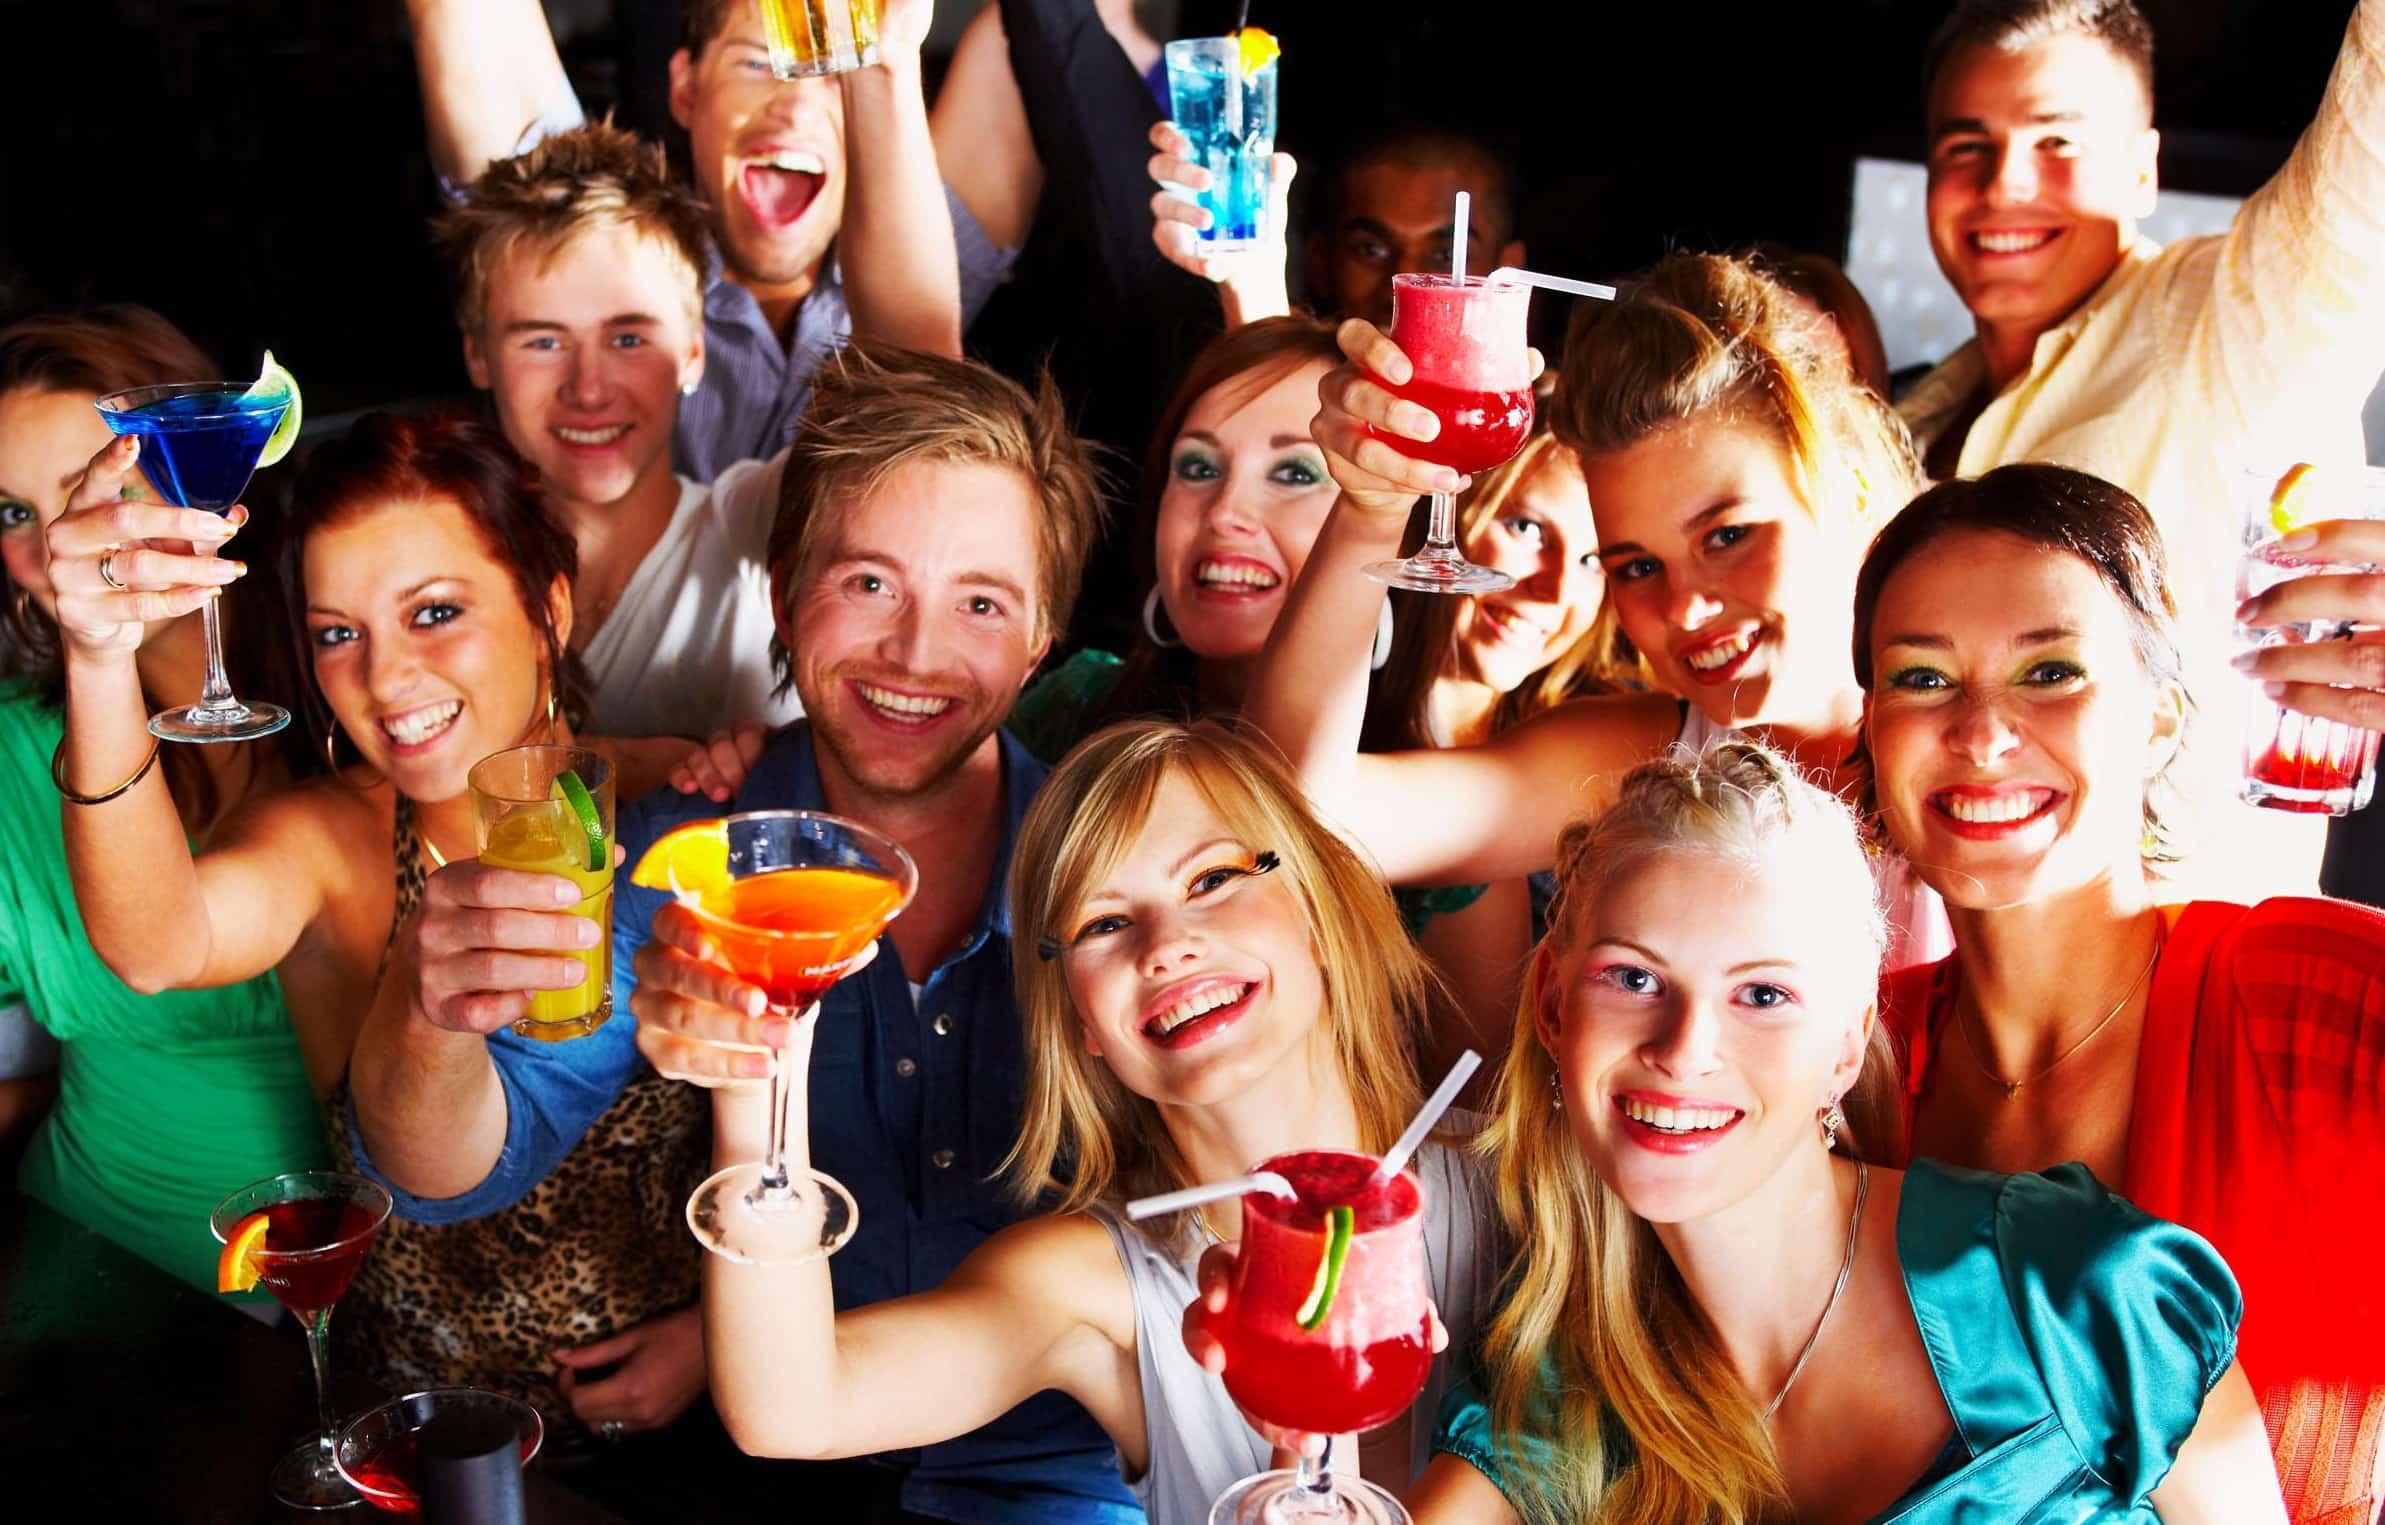 festa de comemoração do dia dos solteiros entre grupo